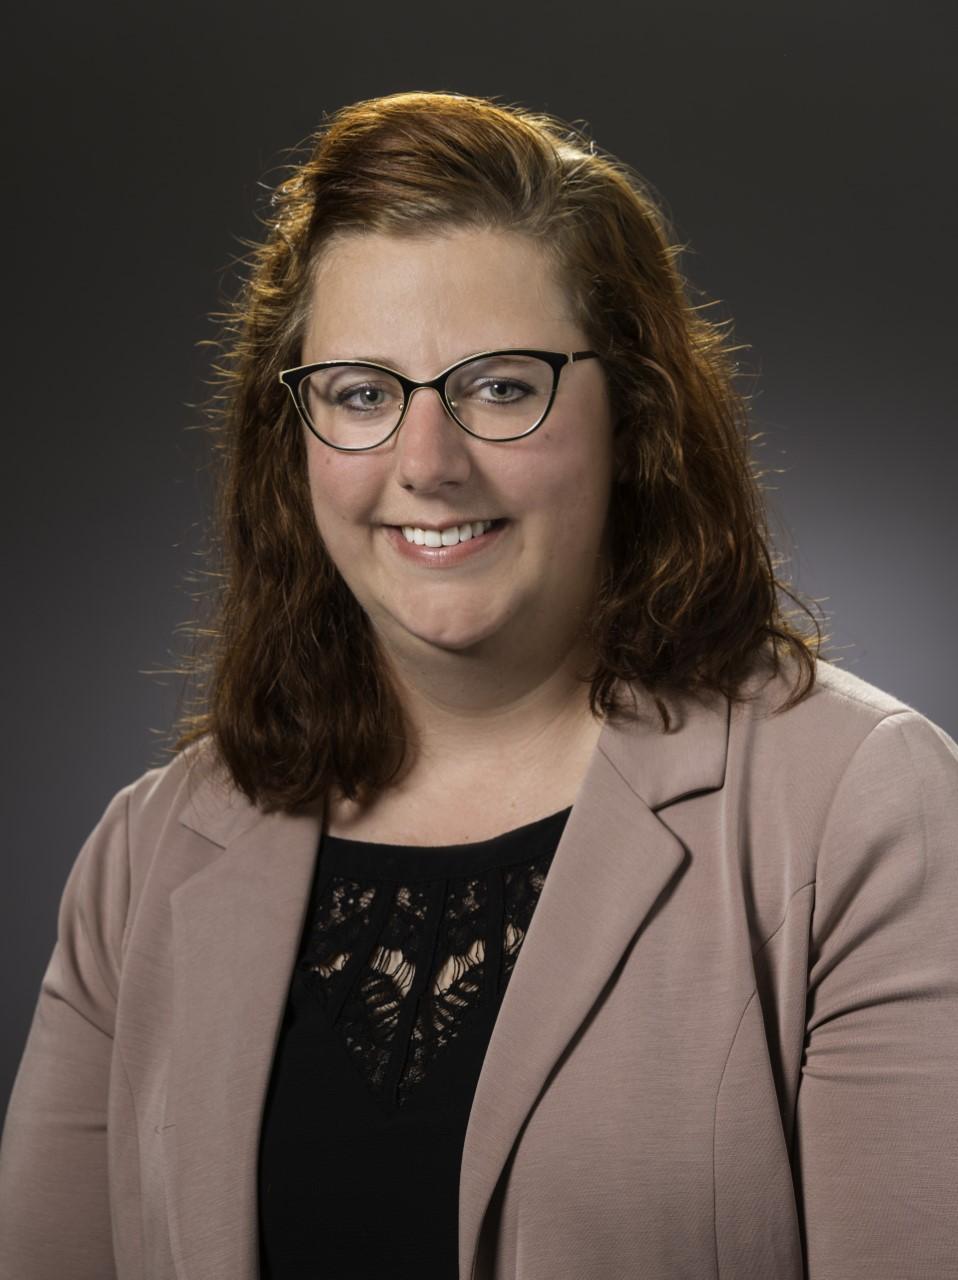 Jenna Gacioch